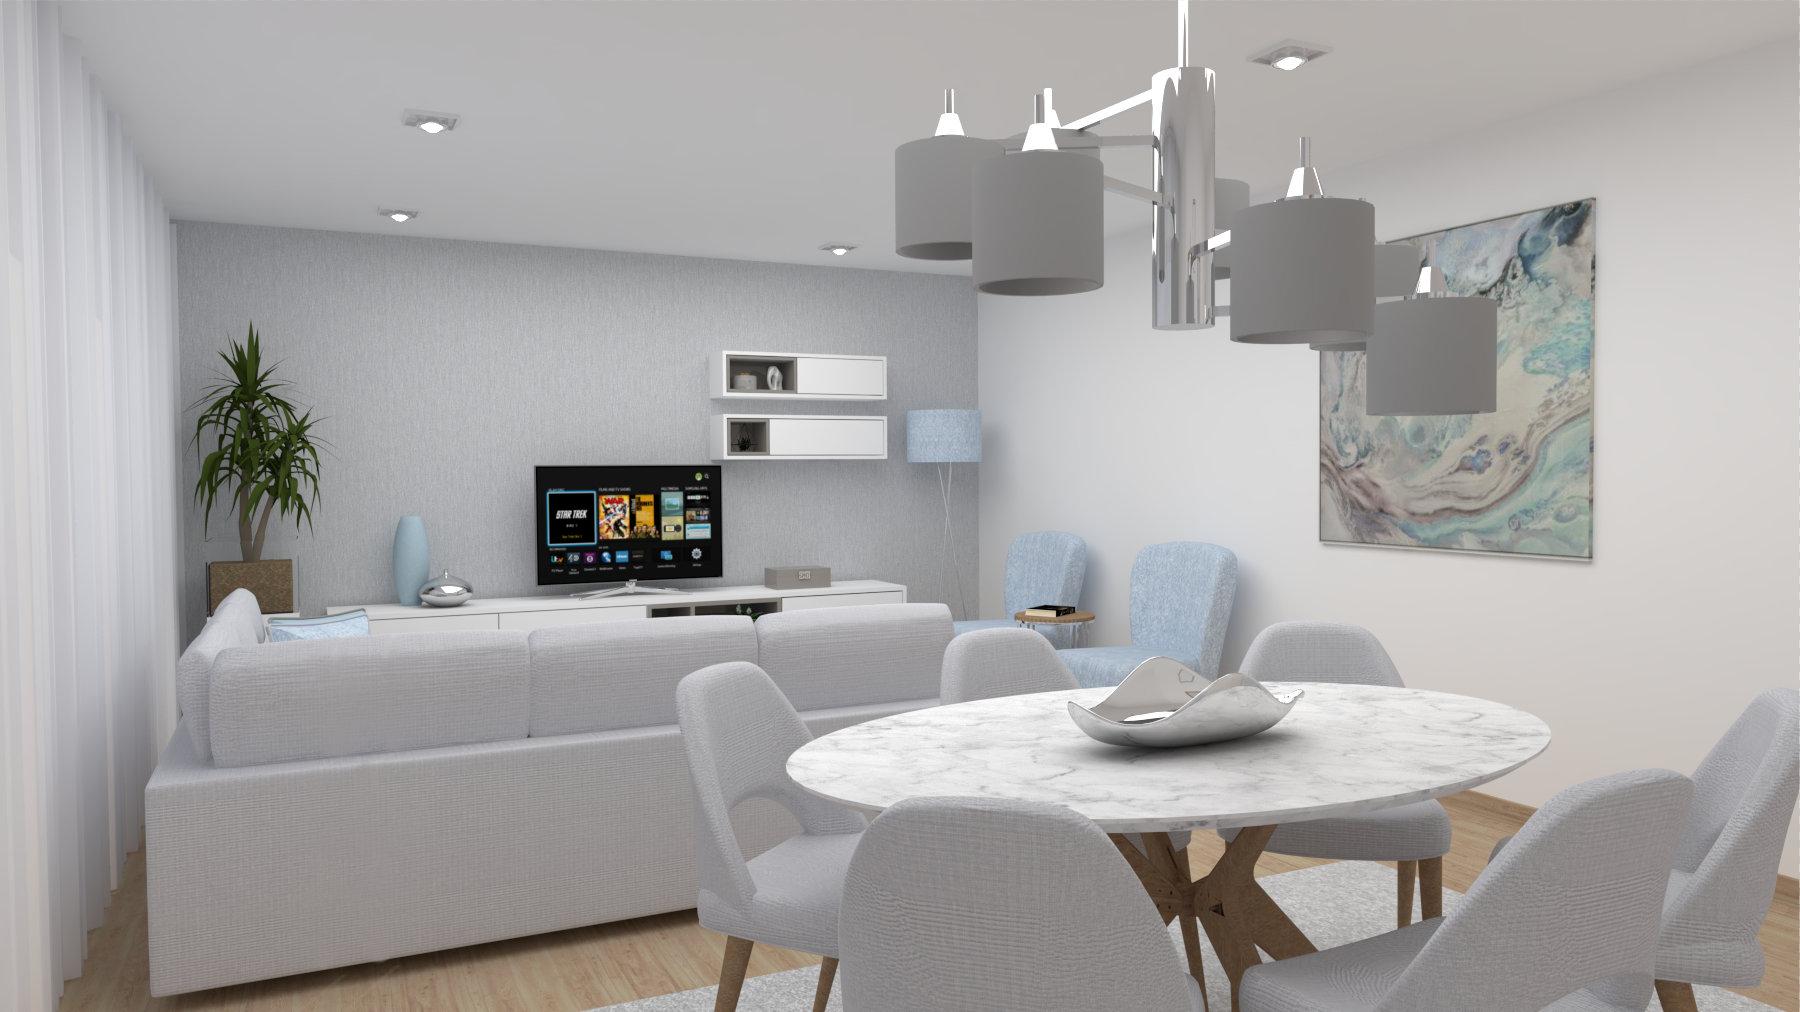 Ângela Pinheiro - Decoração de Interiores - Home Design - Decoração de Interiores - Sala 3D